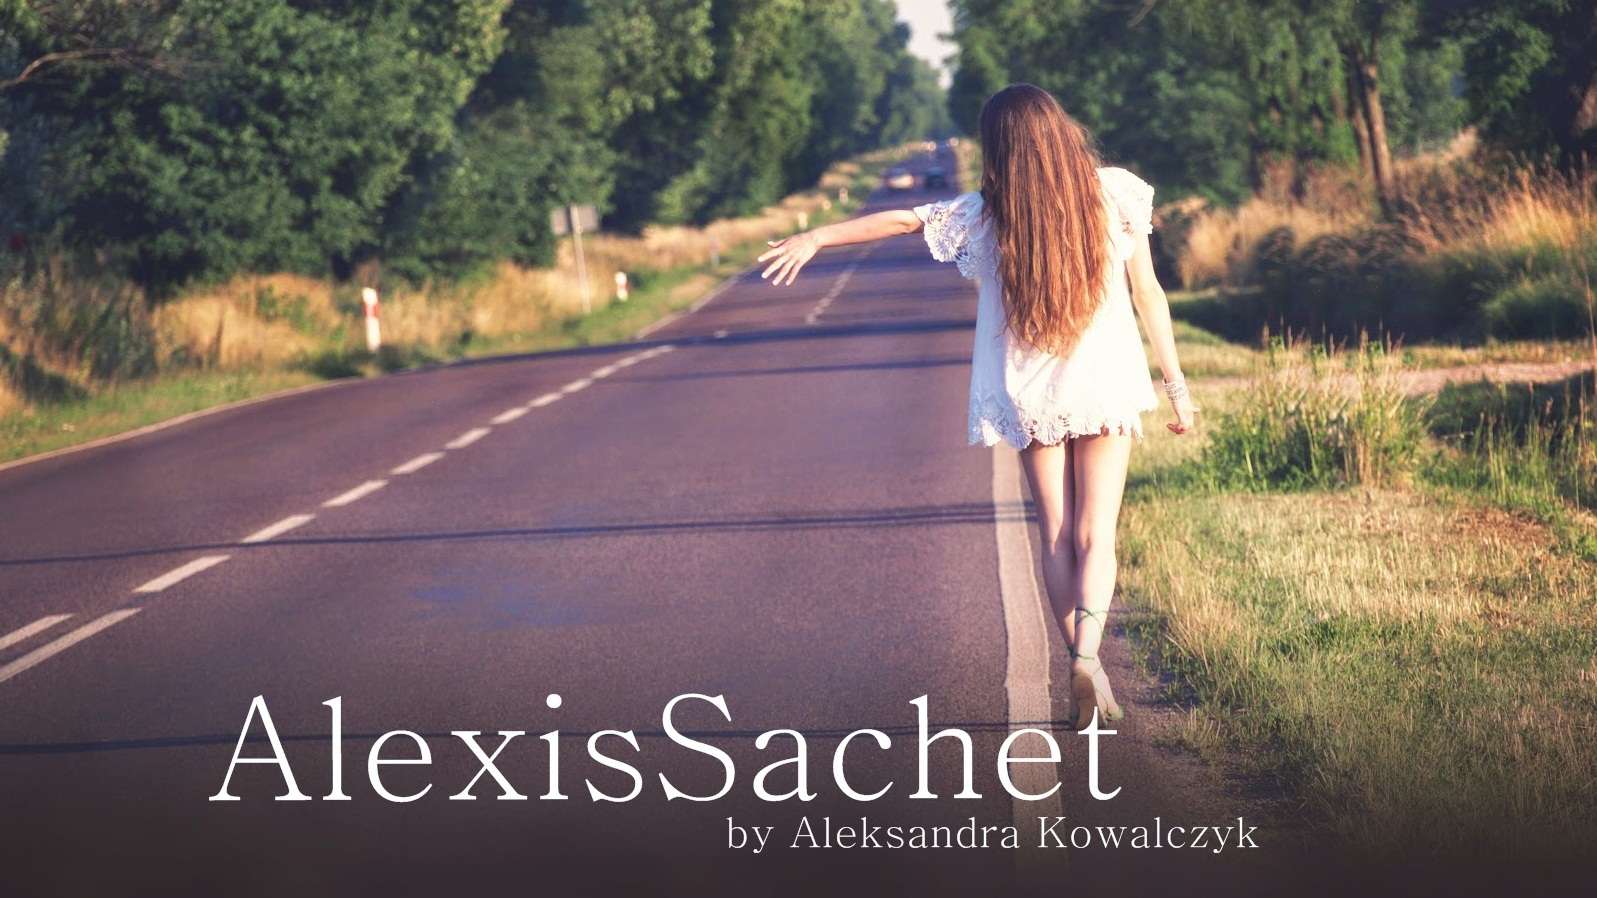 AlexisSachet